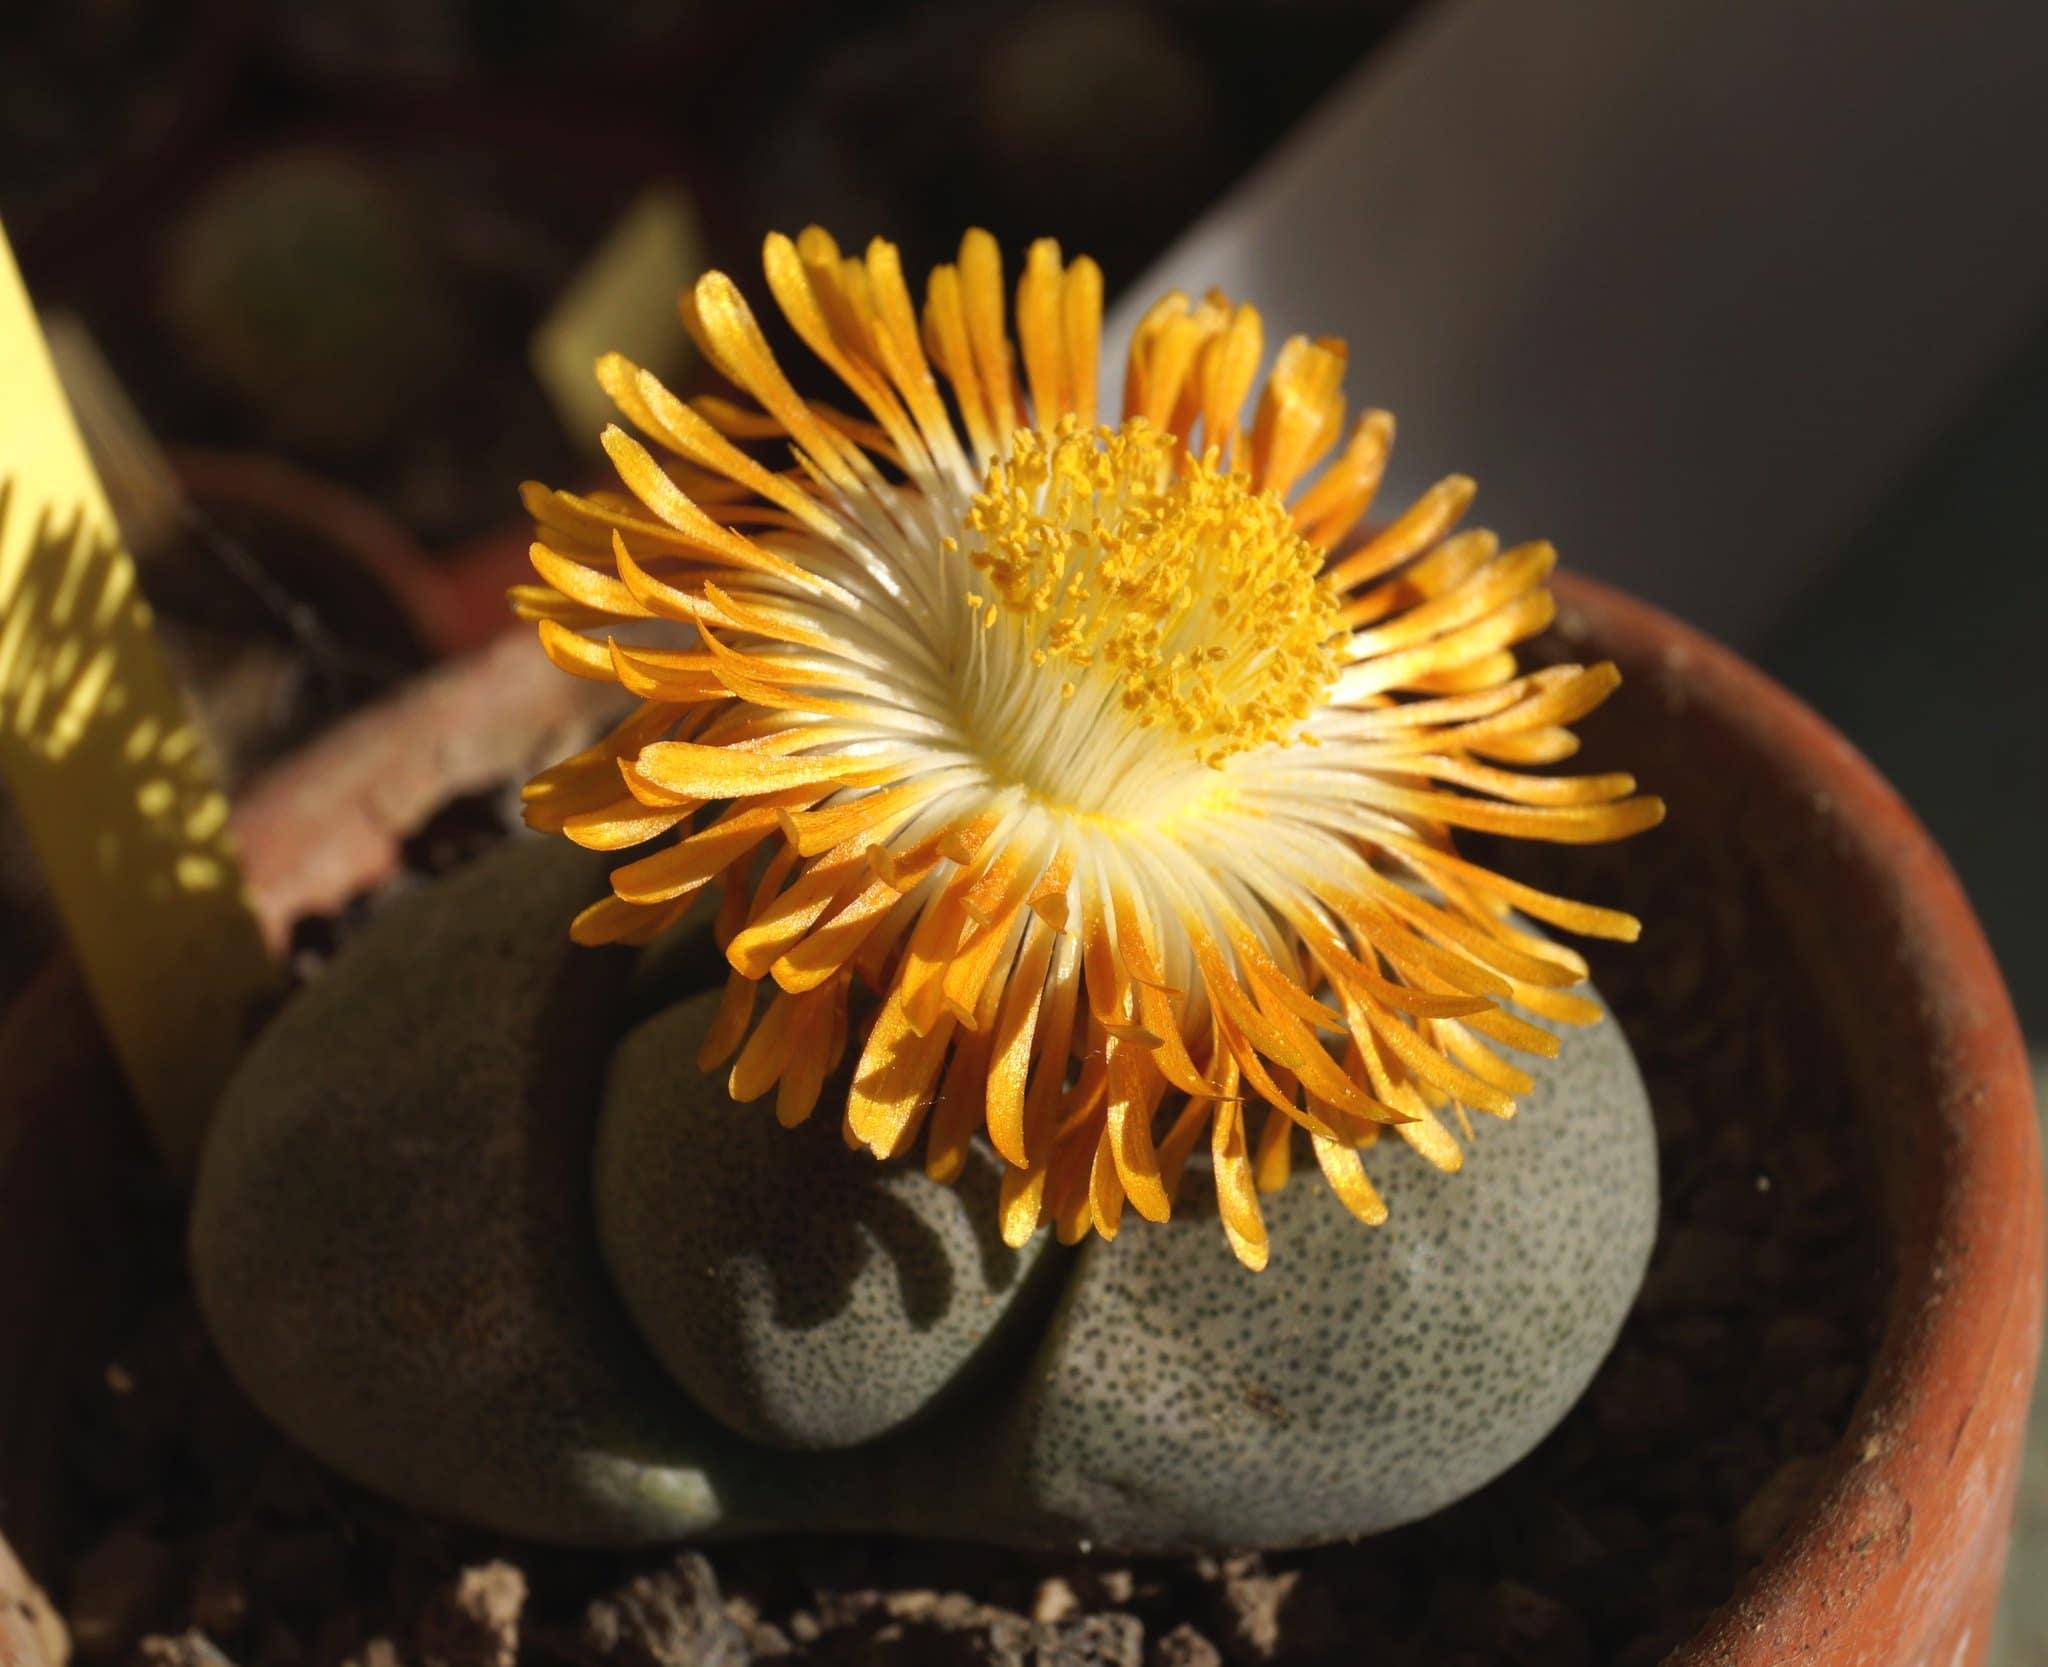 Vista del Pleiospilos nelii en flor